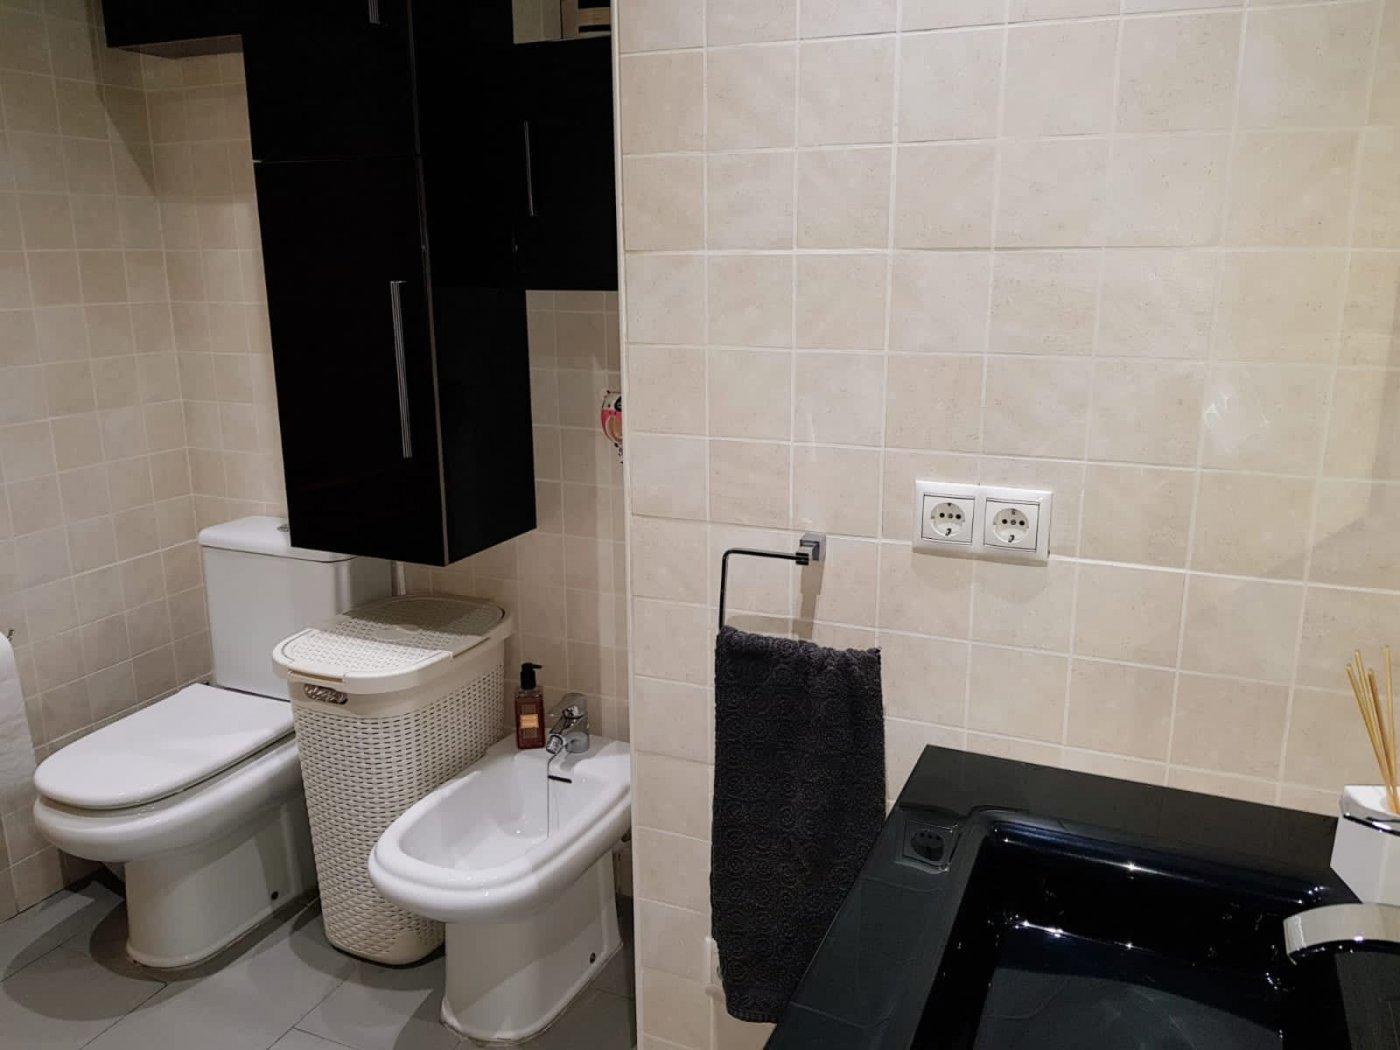 Se vende bonito apartamento semi nuevo con parking en andratx - imagenInmueble26